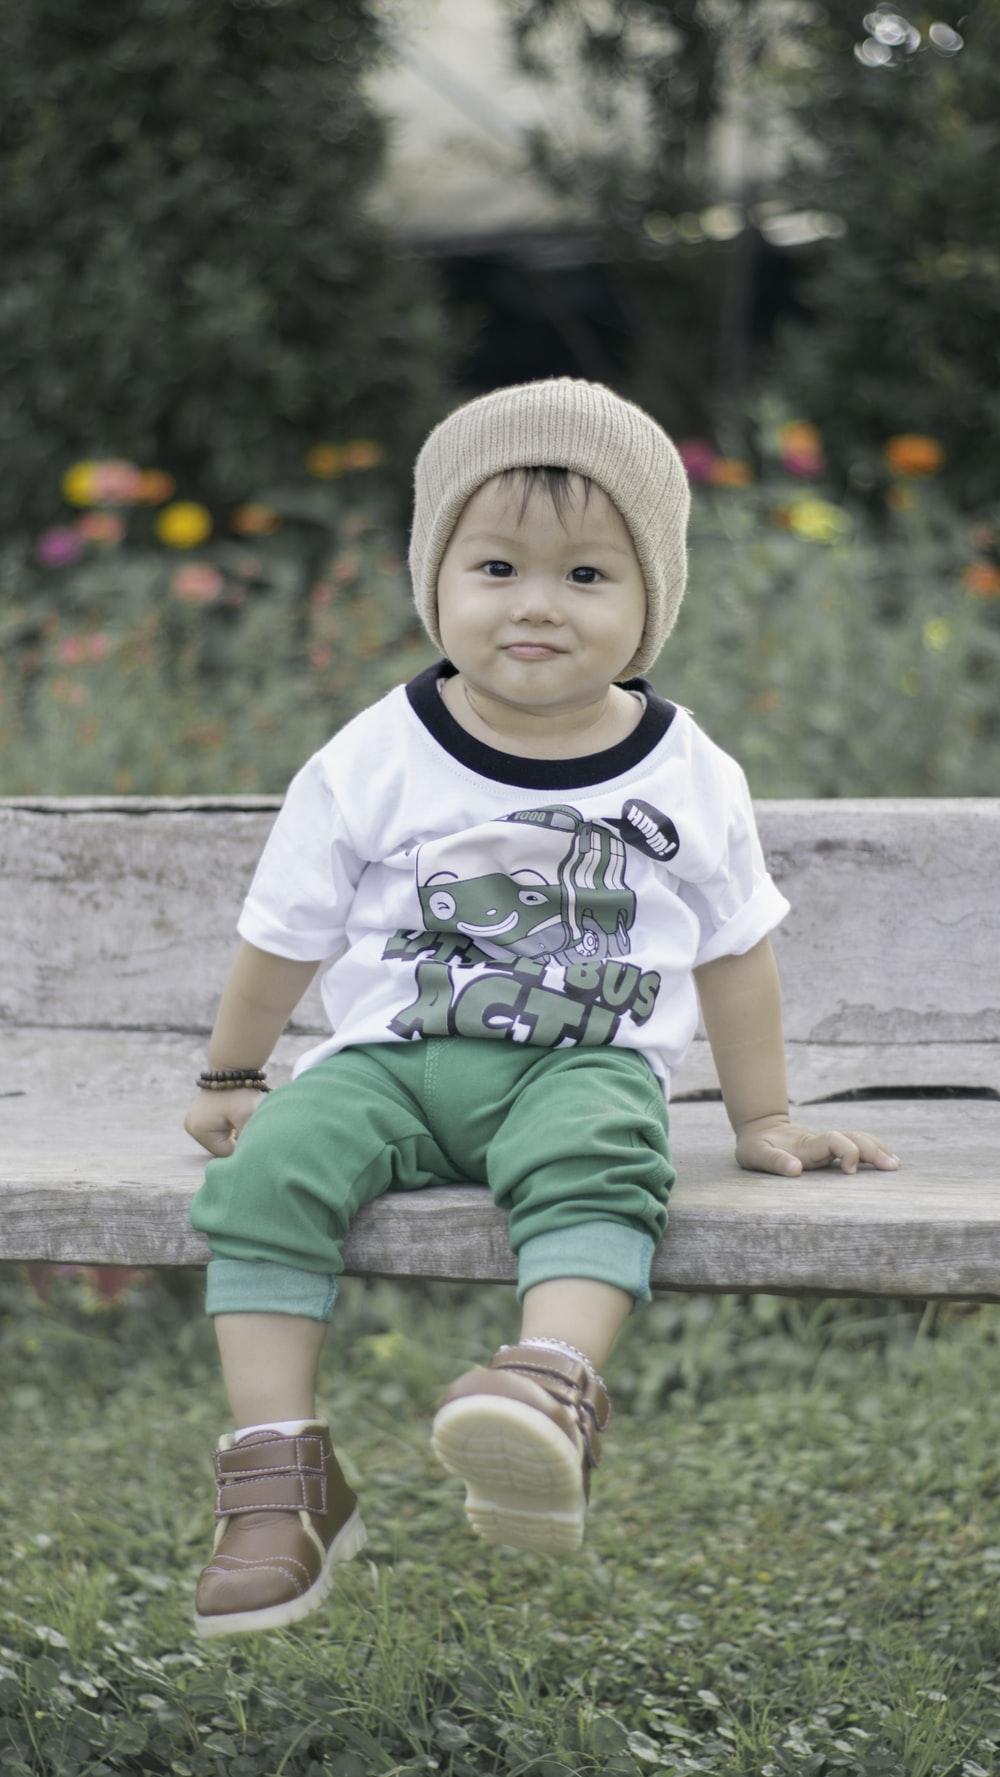 Bé trai xinh đẹp cùng bộ đồ phối cực chất